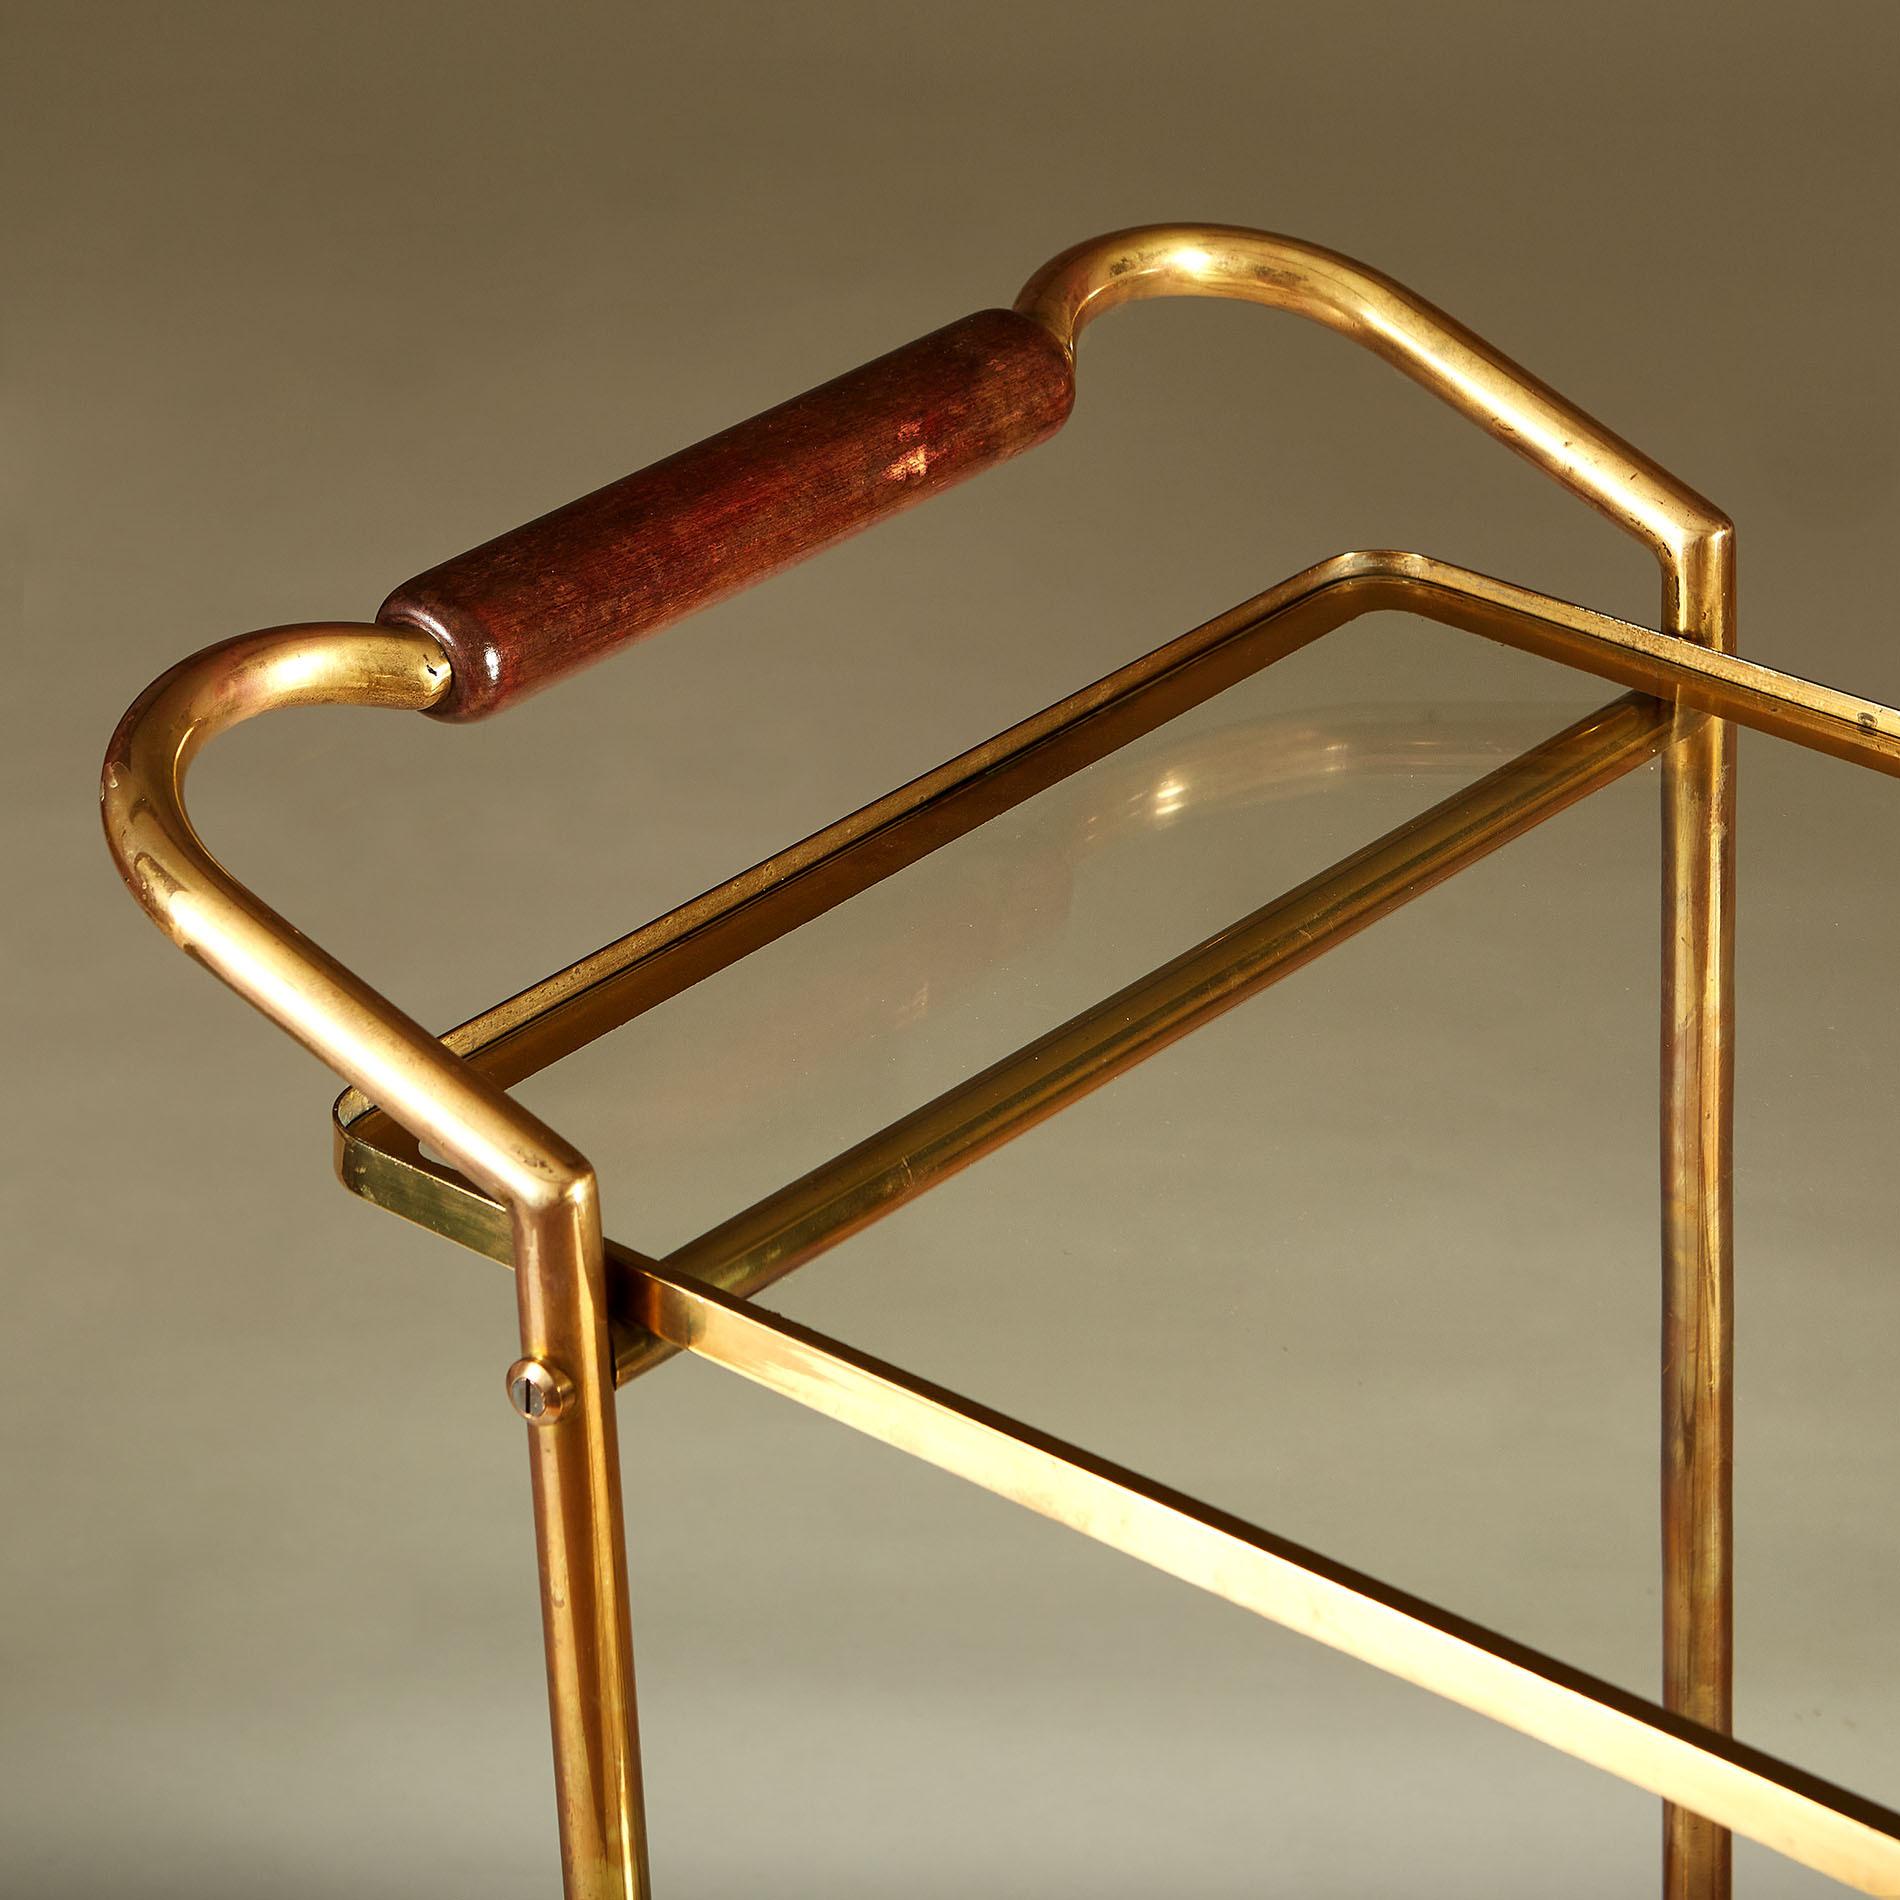 Italian Brass And Mahogany Drinks Trolley 20210225 Valerie Wade 3 140 V1